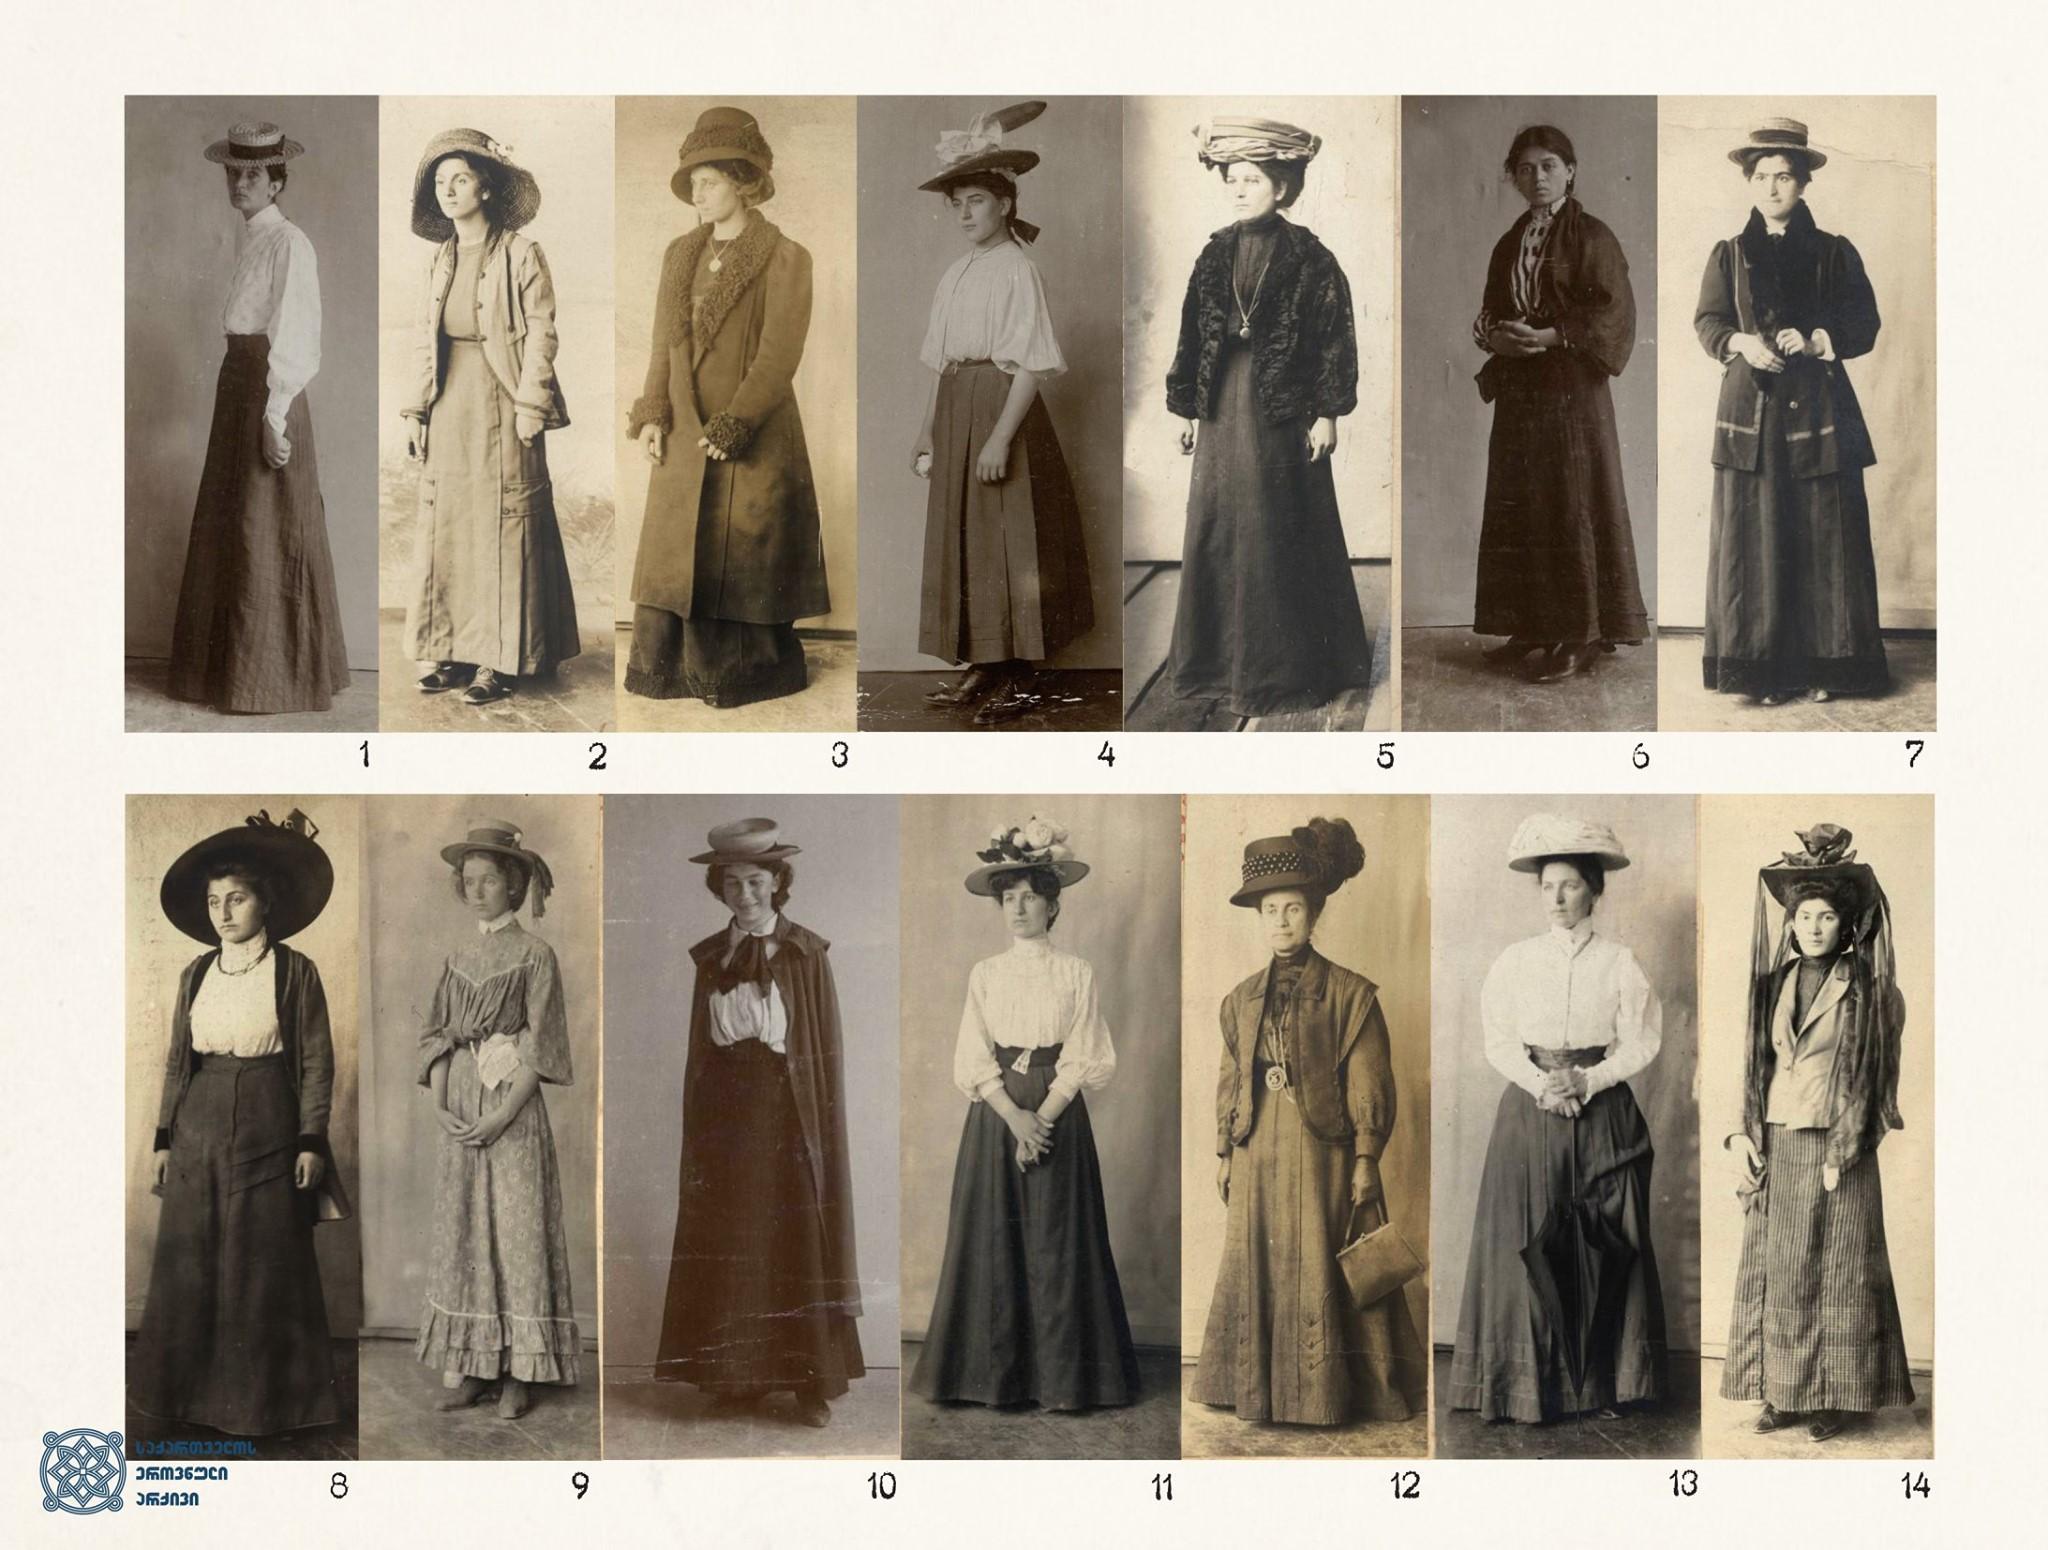 მე-20 საუკუნის დასაწყისის ქალბატონები ჟანდარმერიის ბარათებიდან.  <br>  Ladies of the early 20th century from gendarmerie cards.